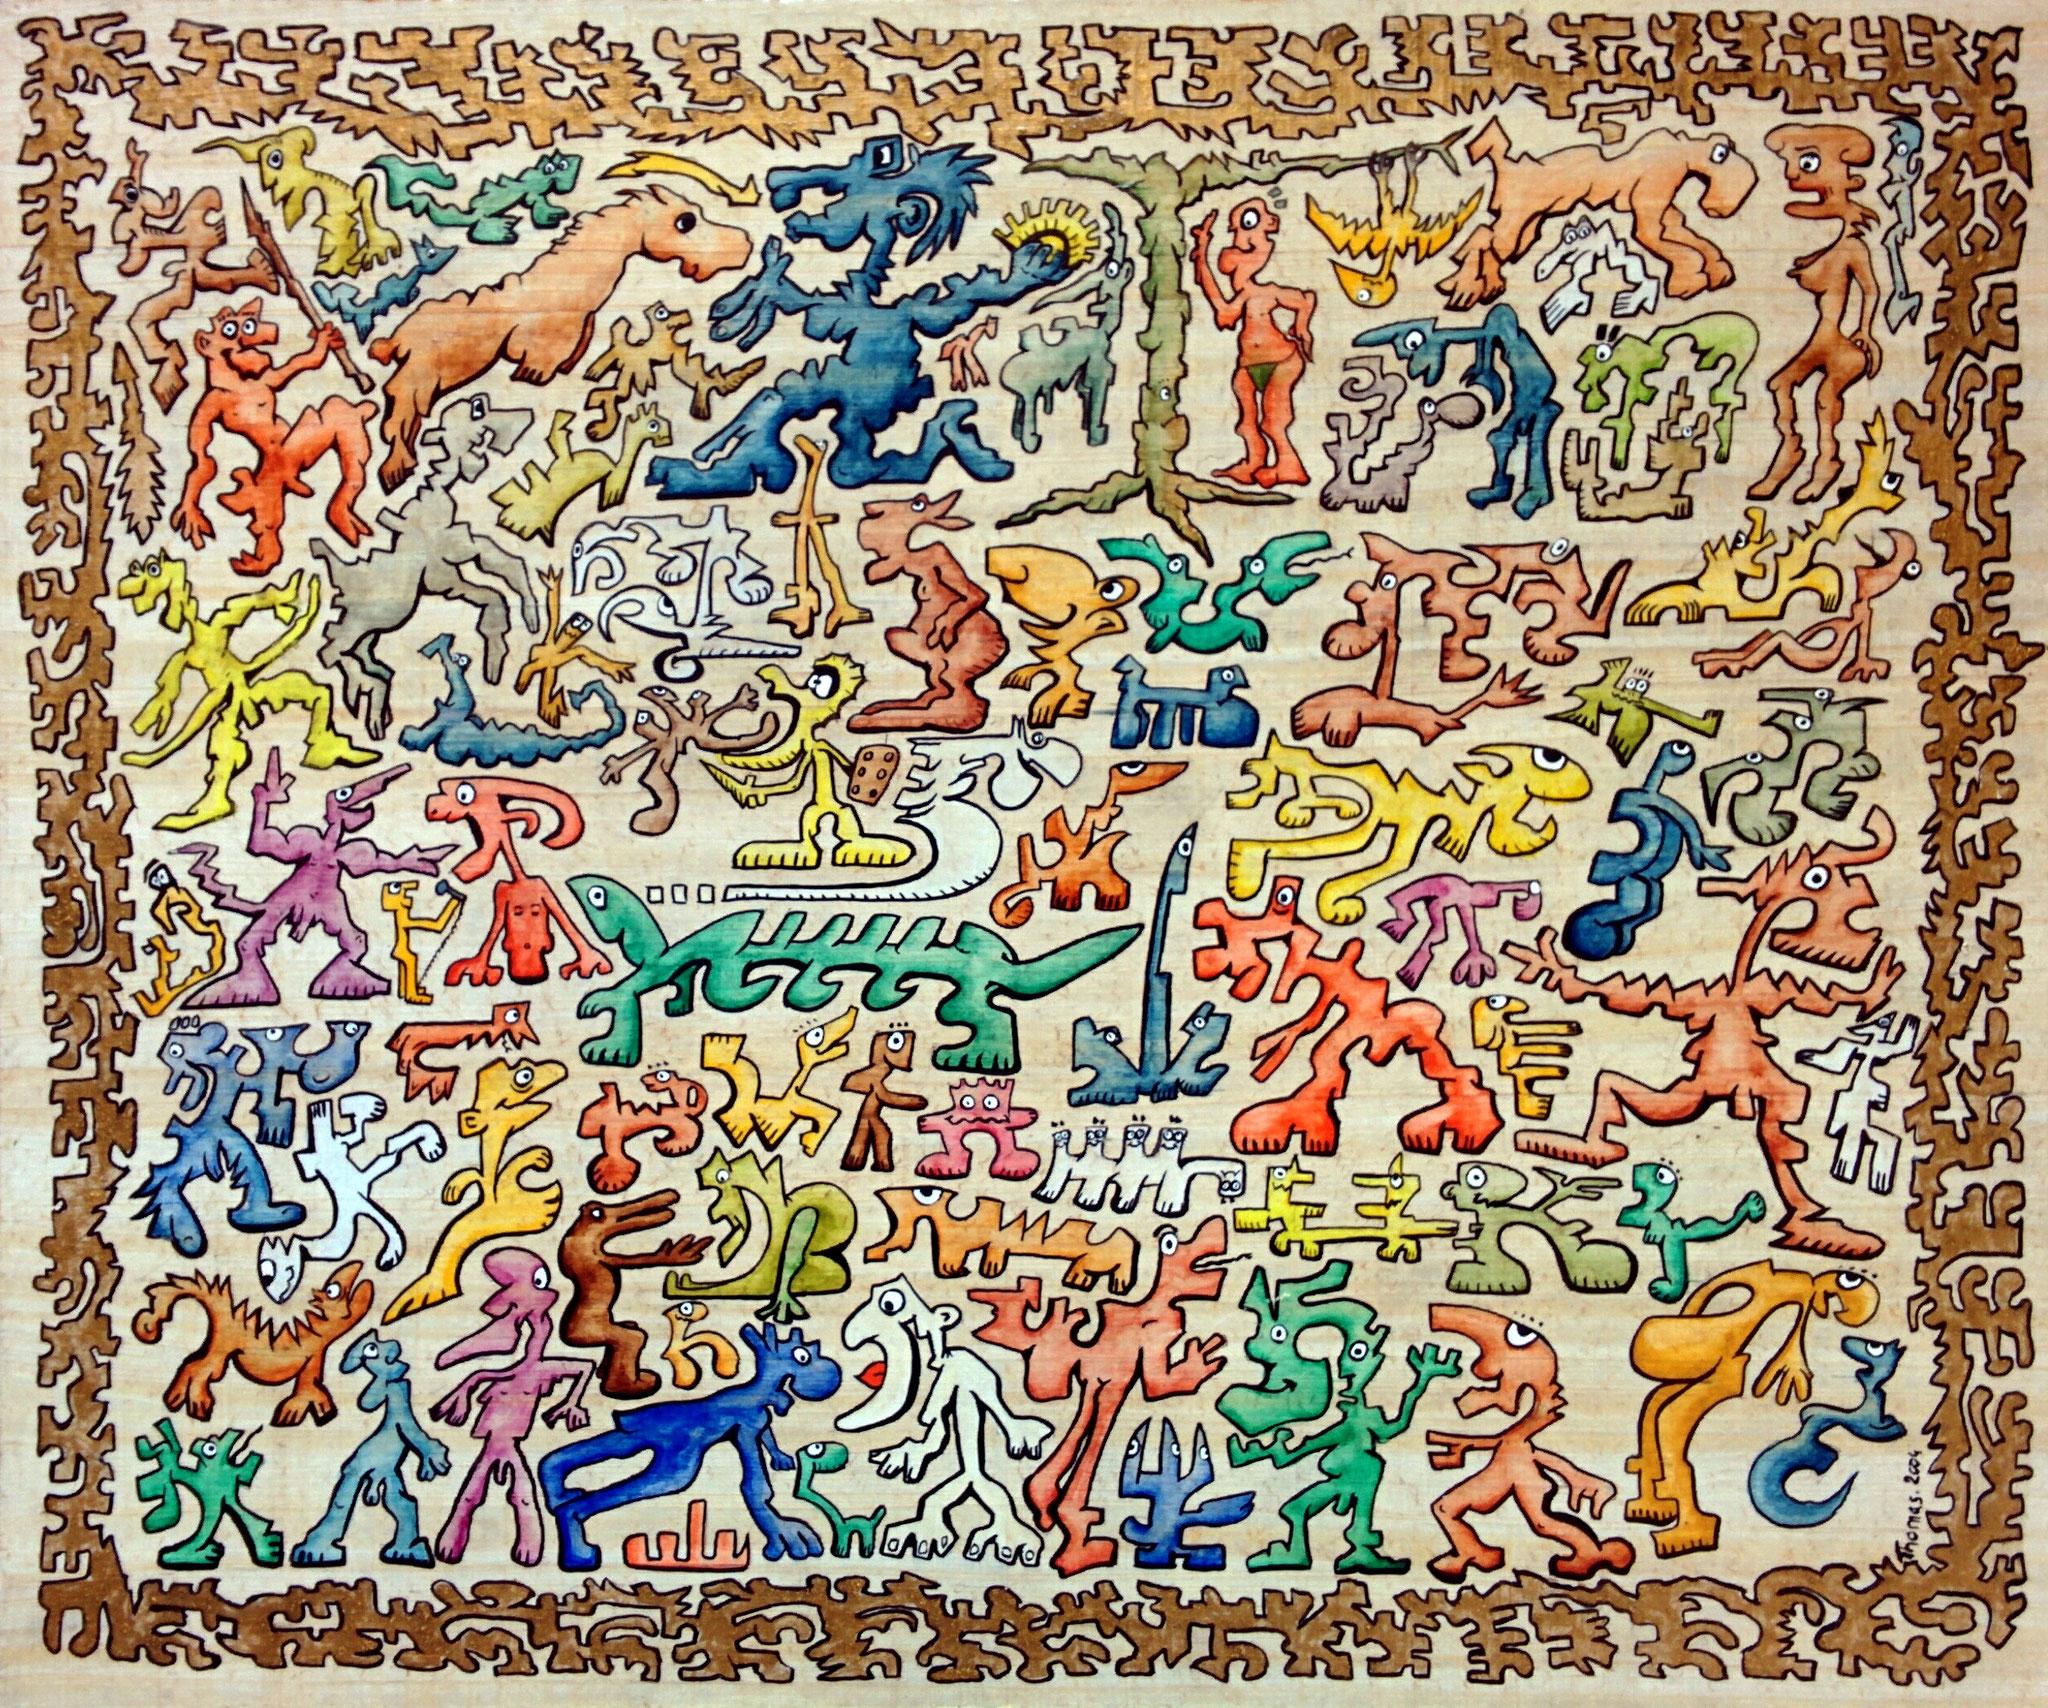 Le string d'Adam / tableau sur feuille de papyrus collée sur panneau médium/ format : 60x50x1cm/ feutres acrylique + aquarelle/ 2004/indisponible